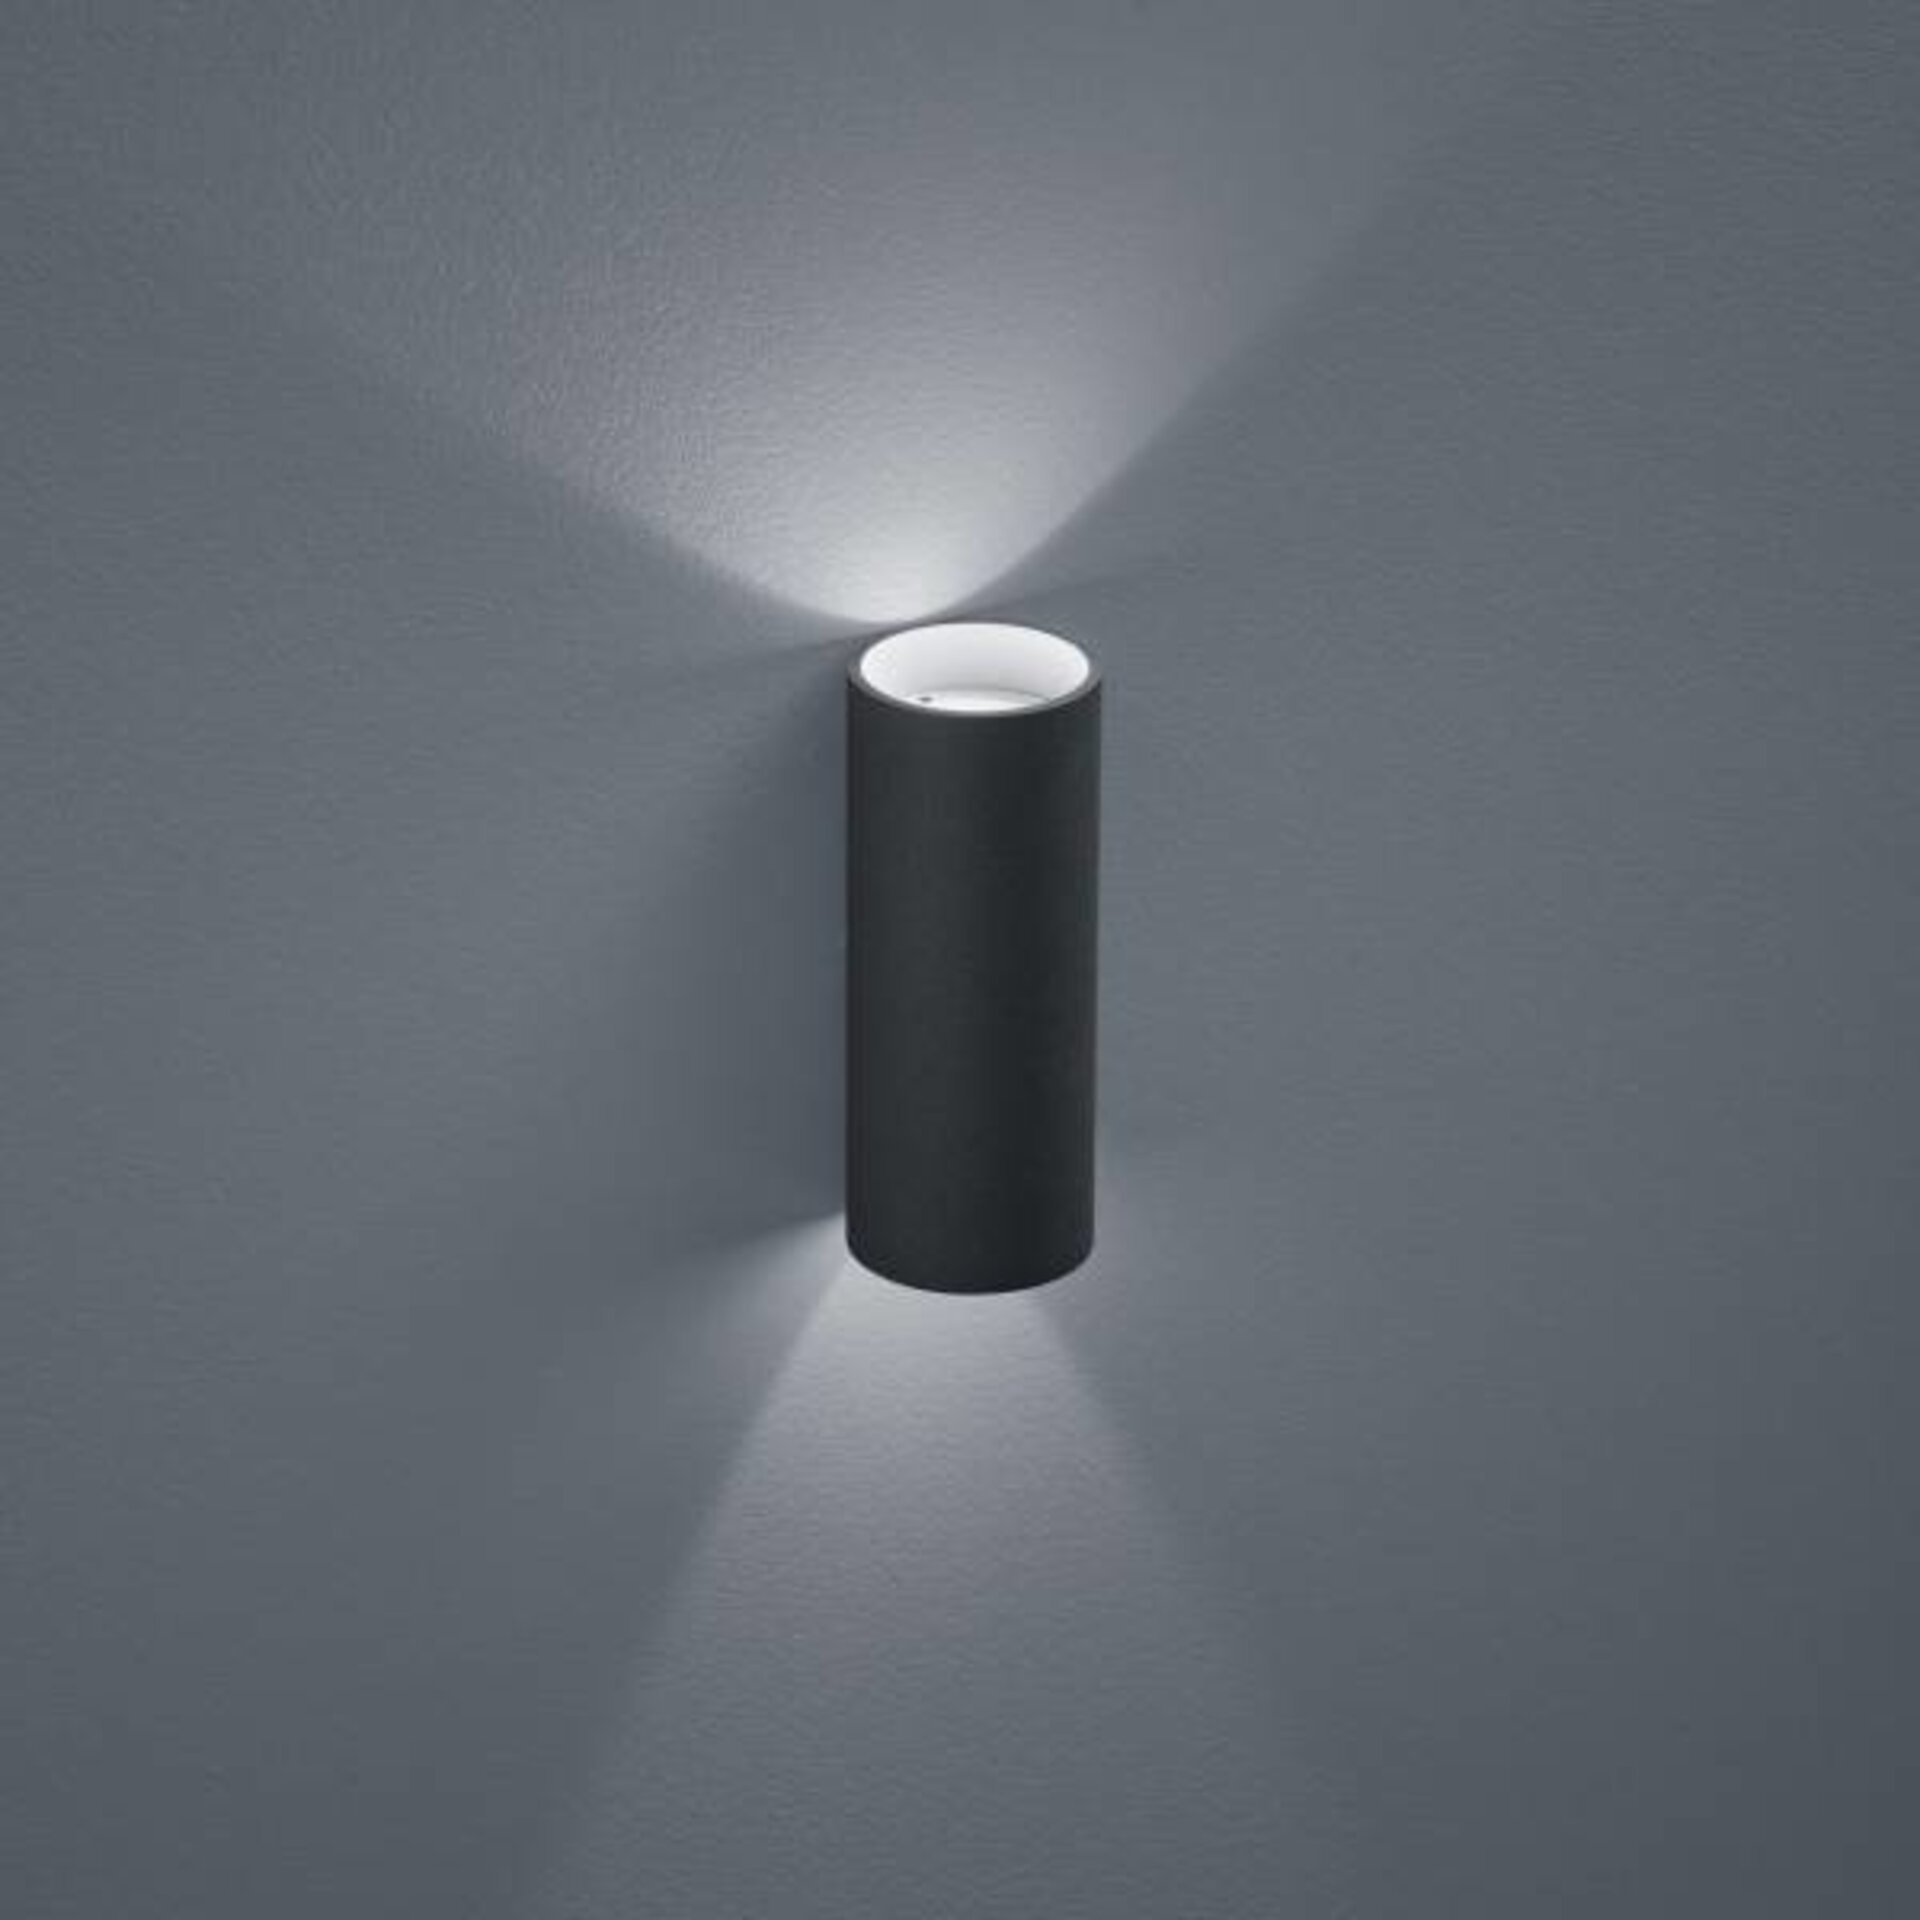 Wand-Aussenleuchte SWIFT Helestra Leuchten Metall 8 x 18 x 8 cm